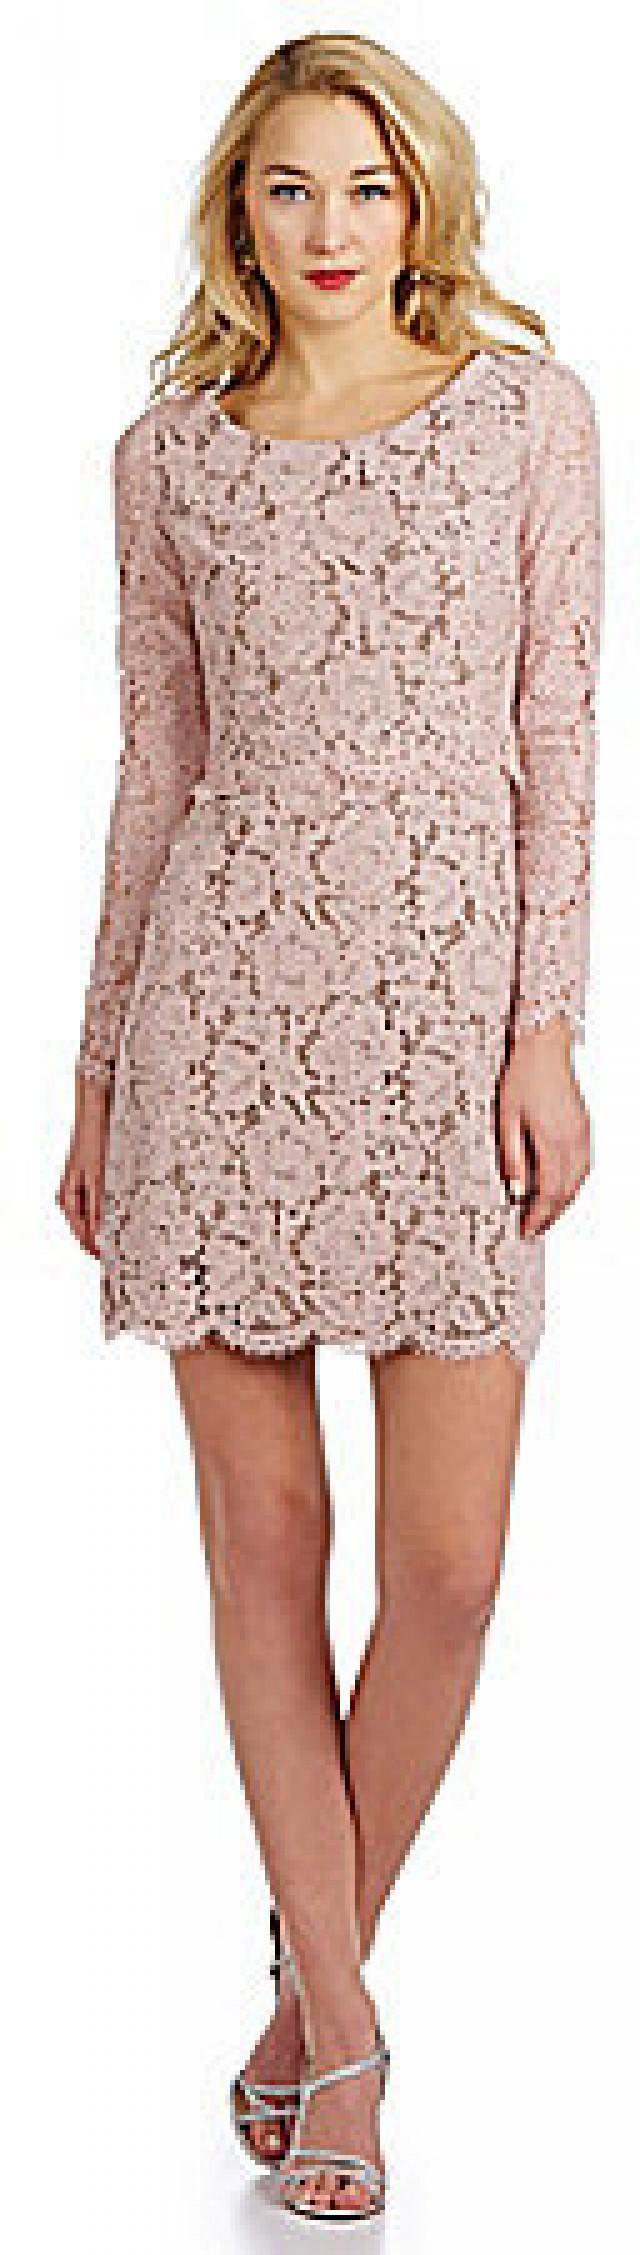 Vera Wang Vera Wang Lace Popover Dress 2218556 Weddbook